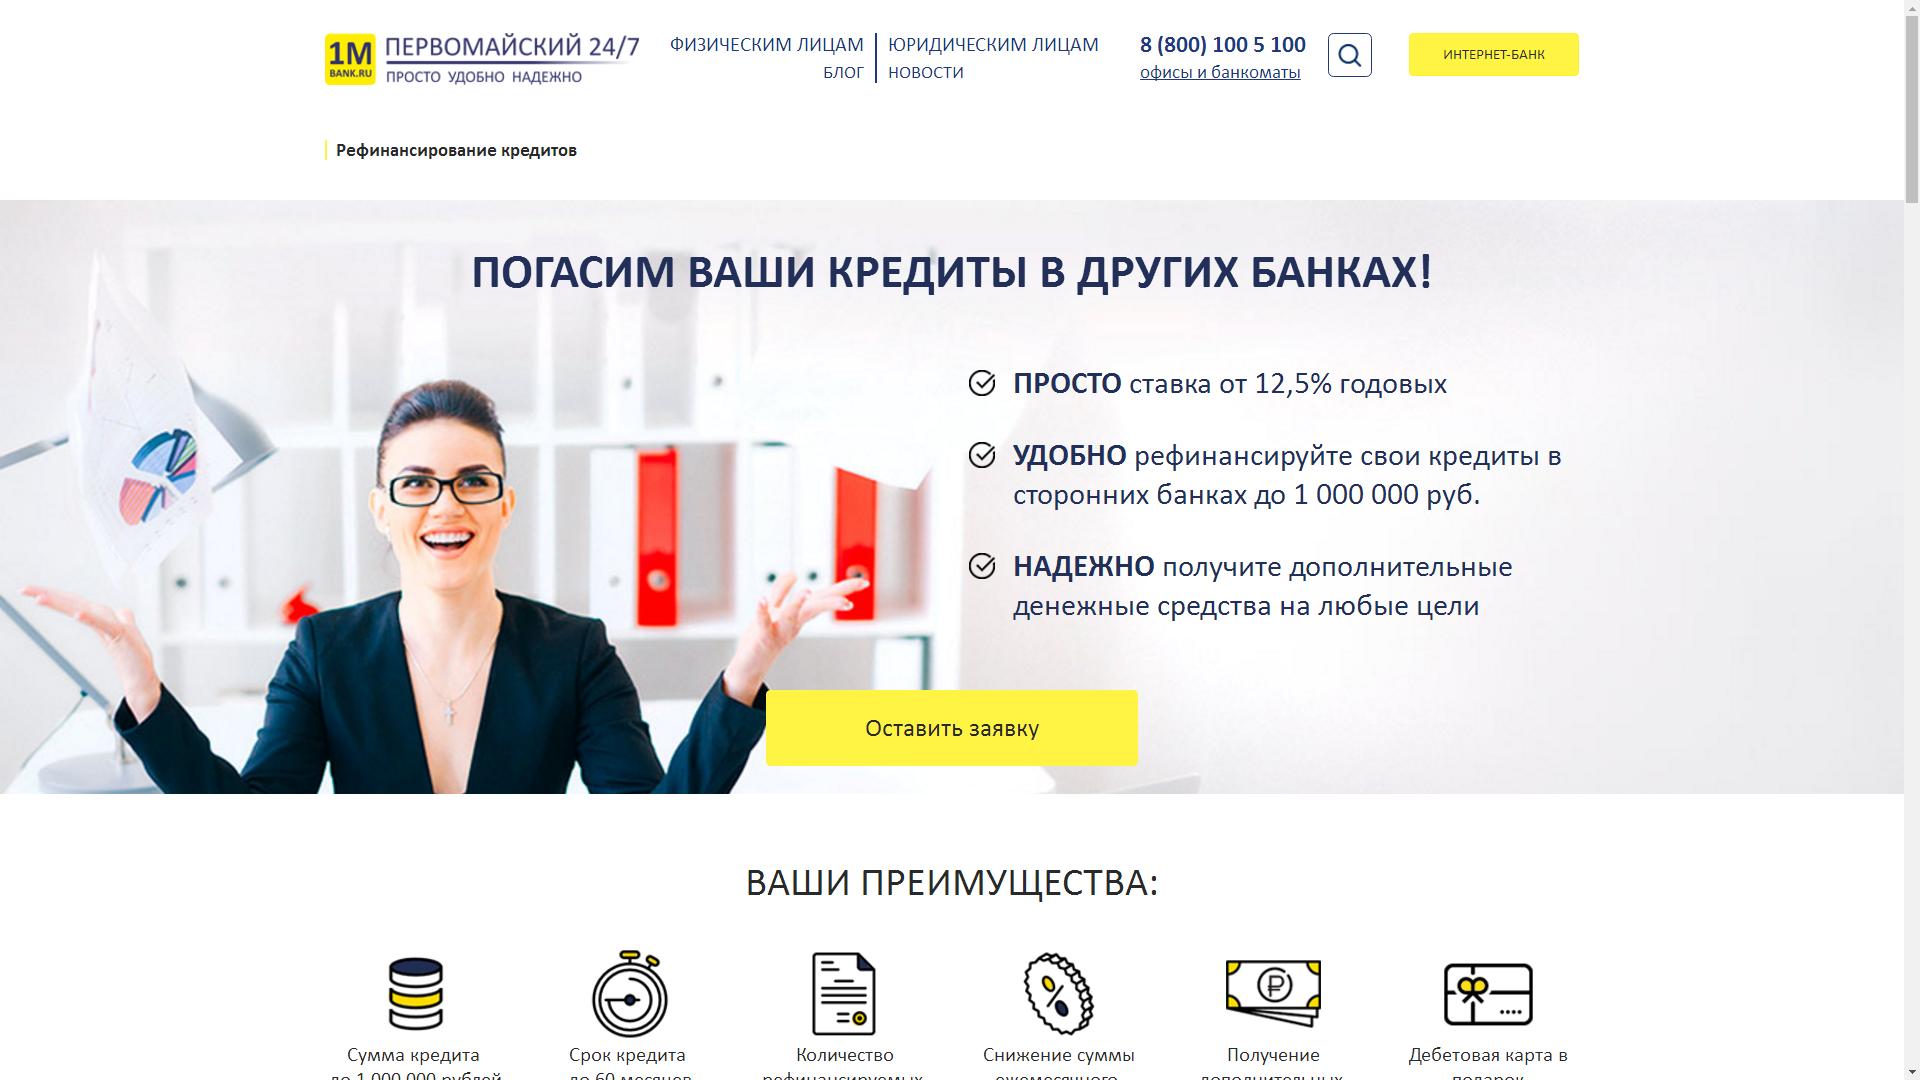 Как брать кредит через сбербанк онлайн